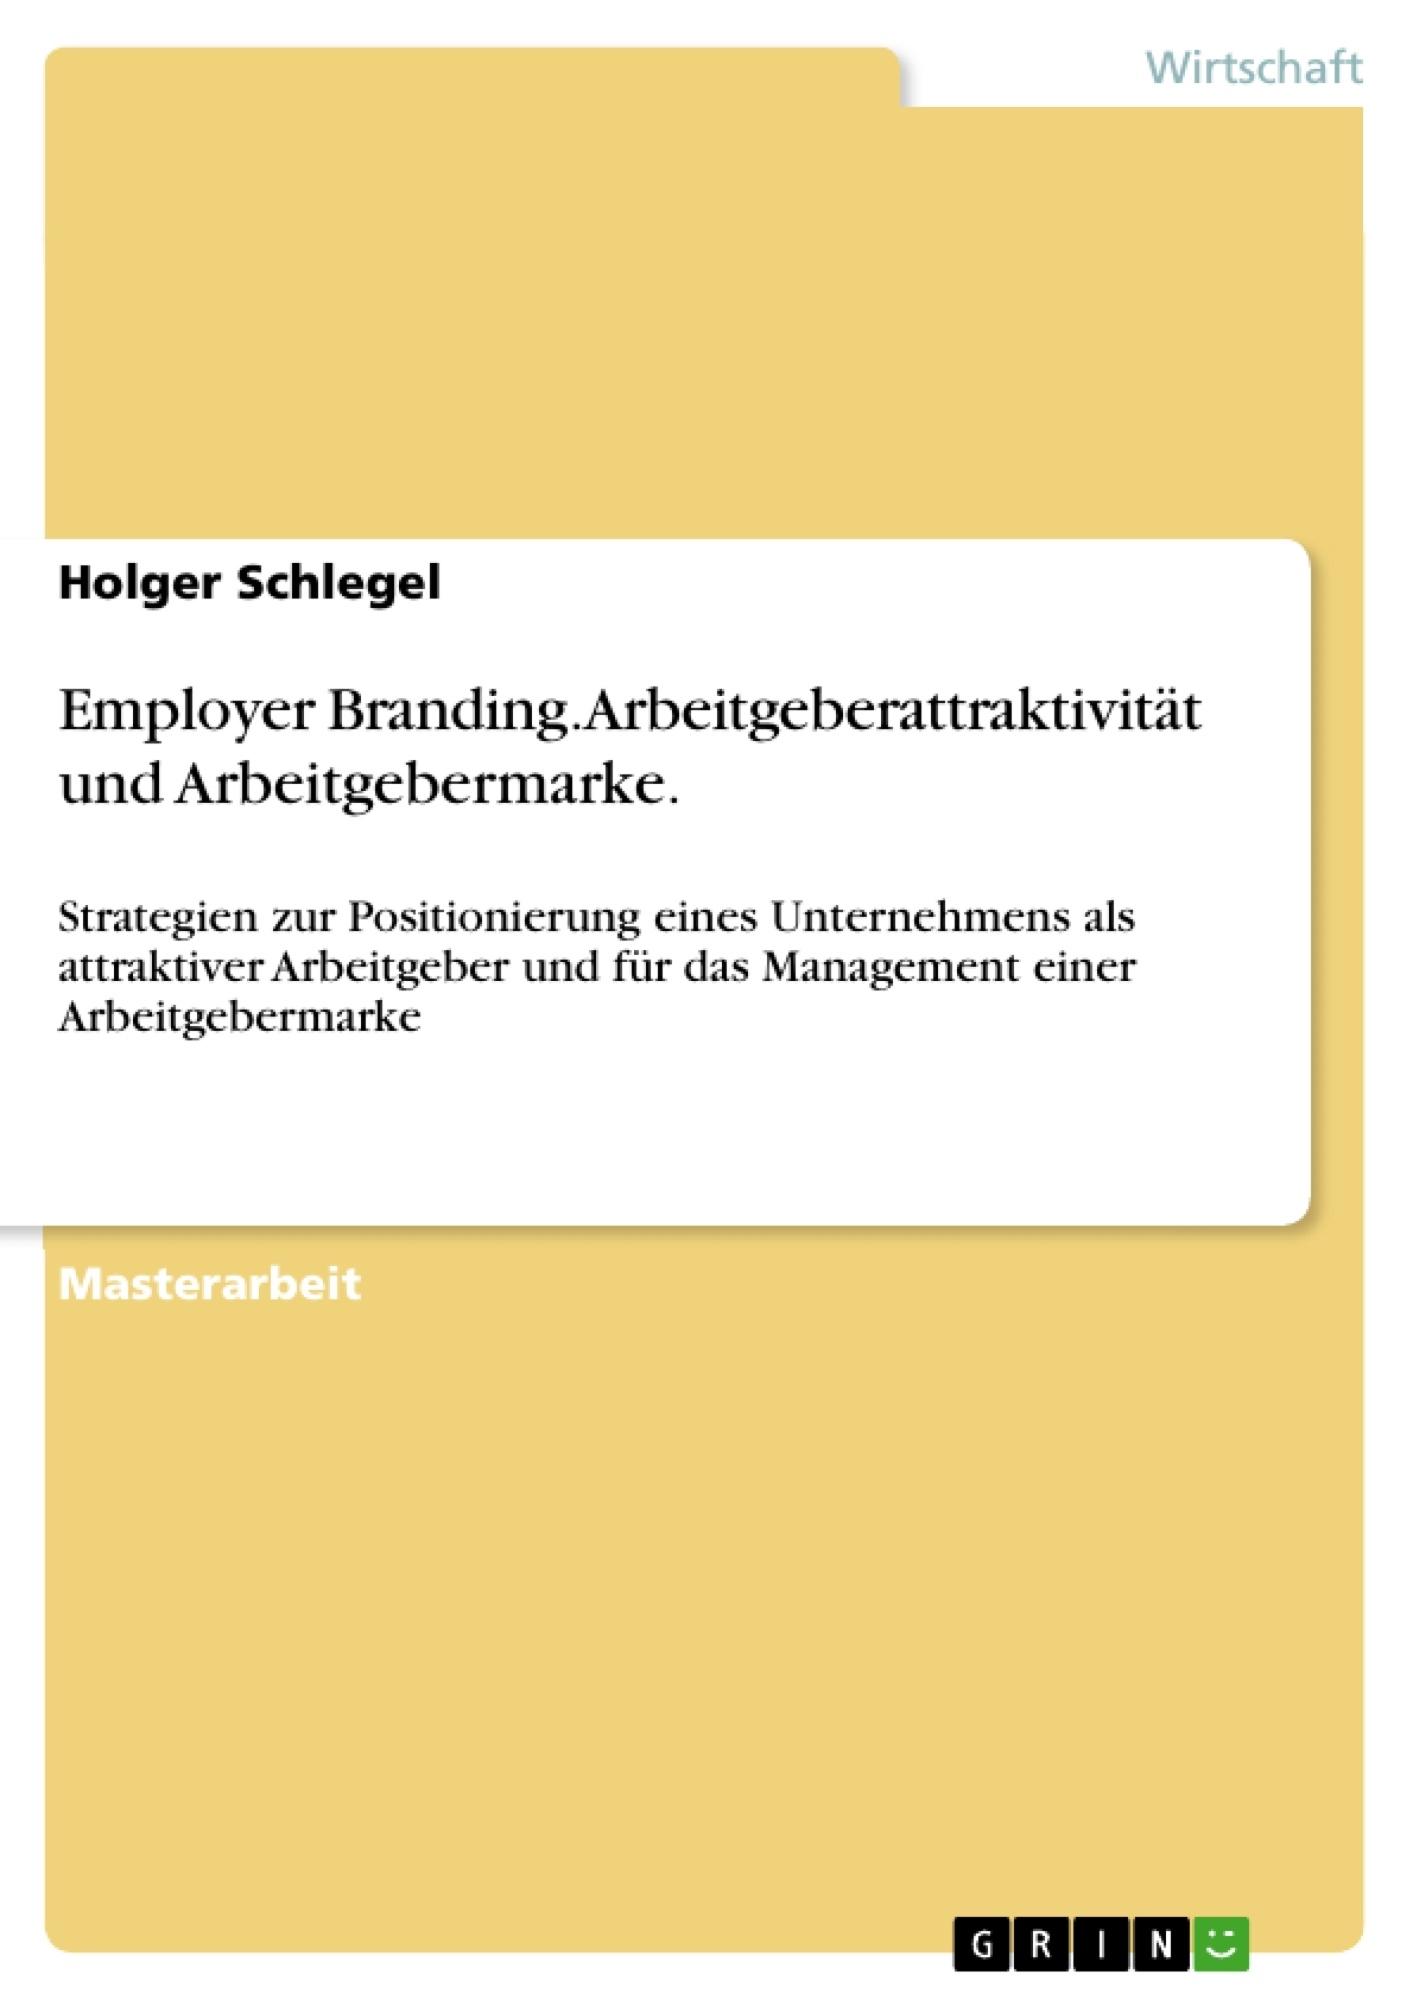 Titel: Employer Branding. Arbeitgeberattraktivität und Arbeitgebermarke.